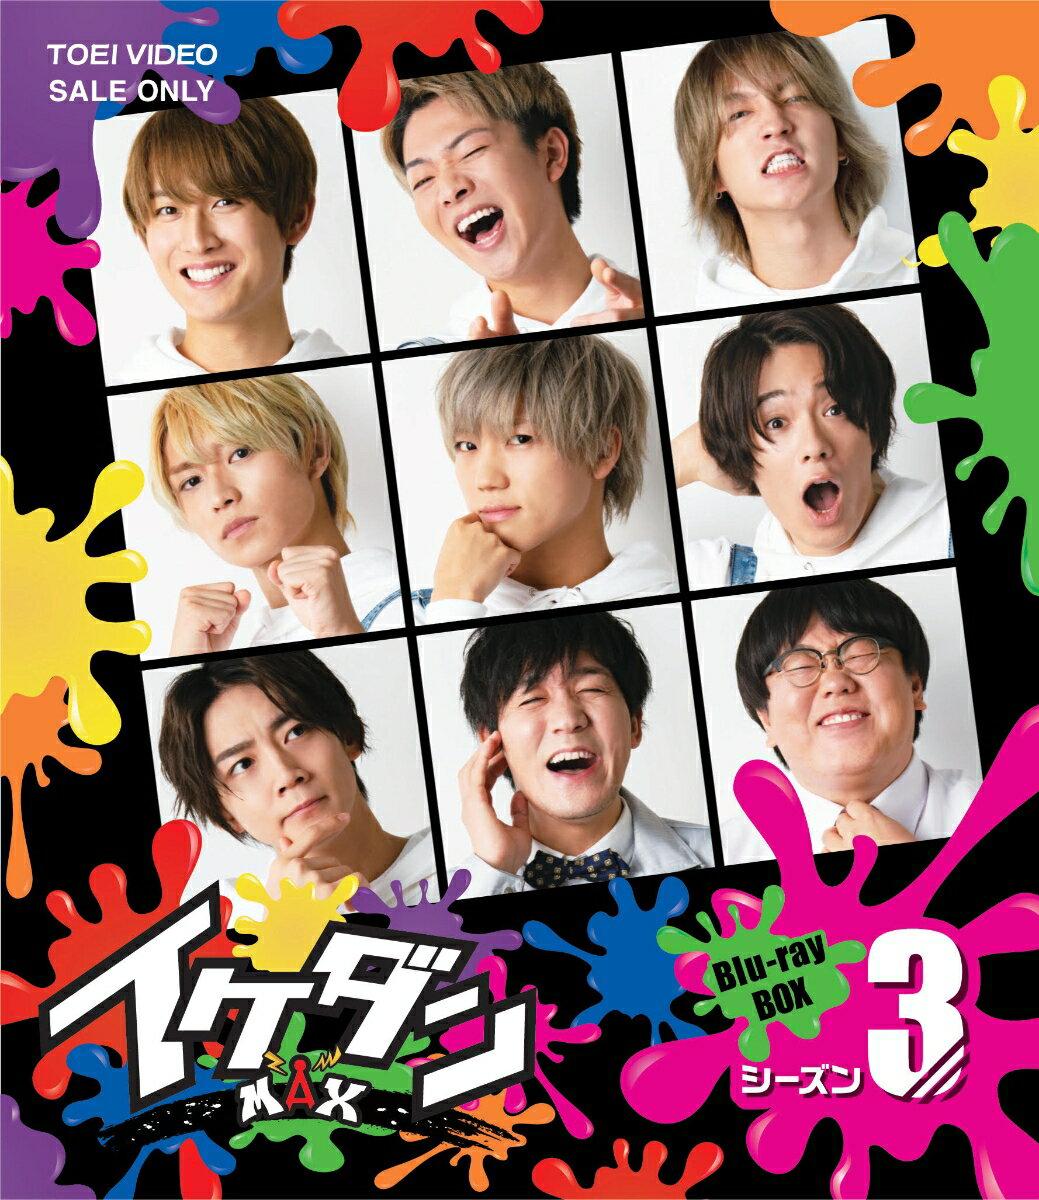 イケダンMAX Blu-ray BOX シーズン3【Blu-ray】